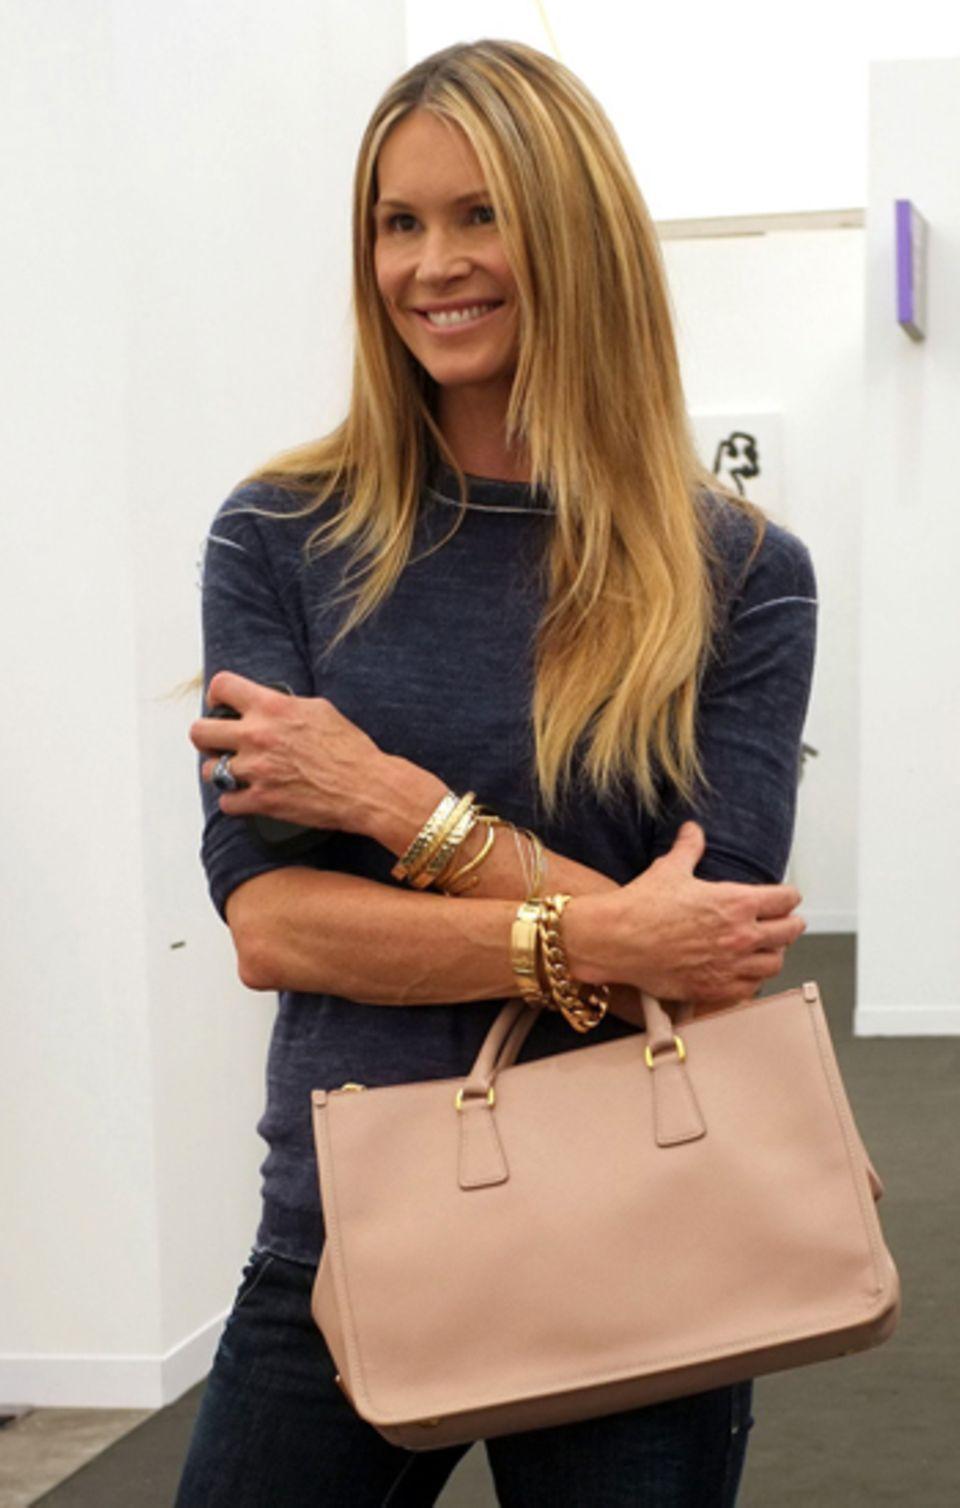 Model Elle Macpherson freut sich über ihre roséfarbene Prada-Tasche. Was sie wohl darin versteckt haben mag?